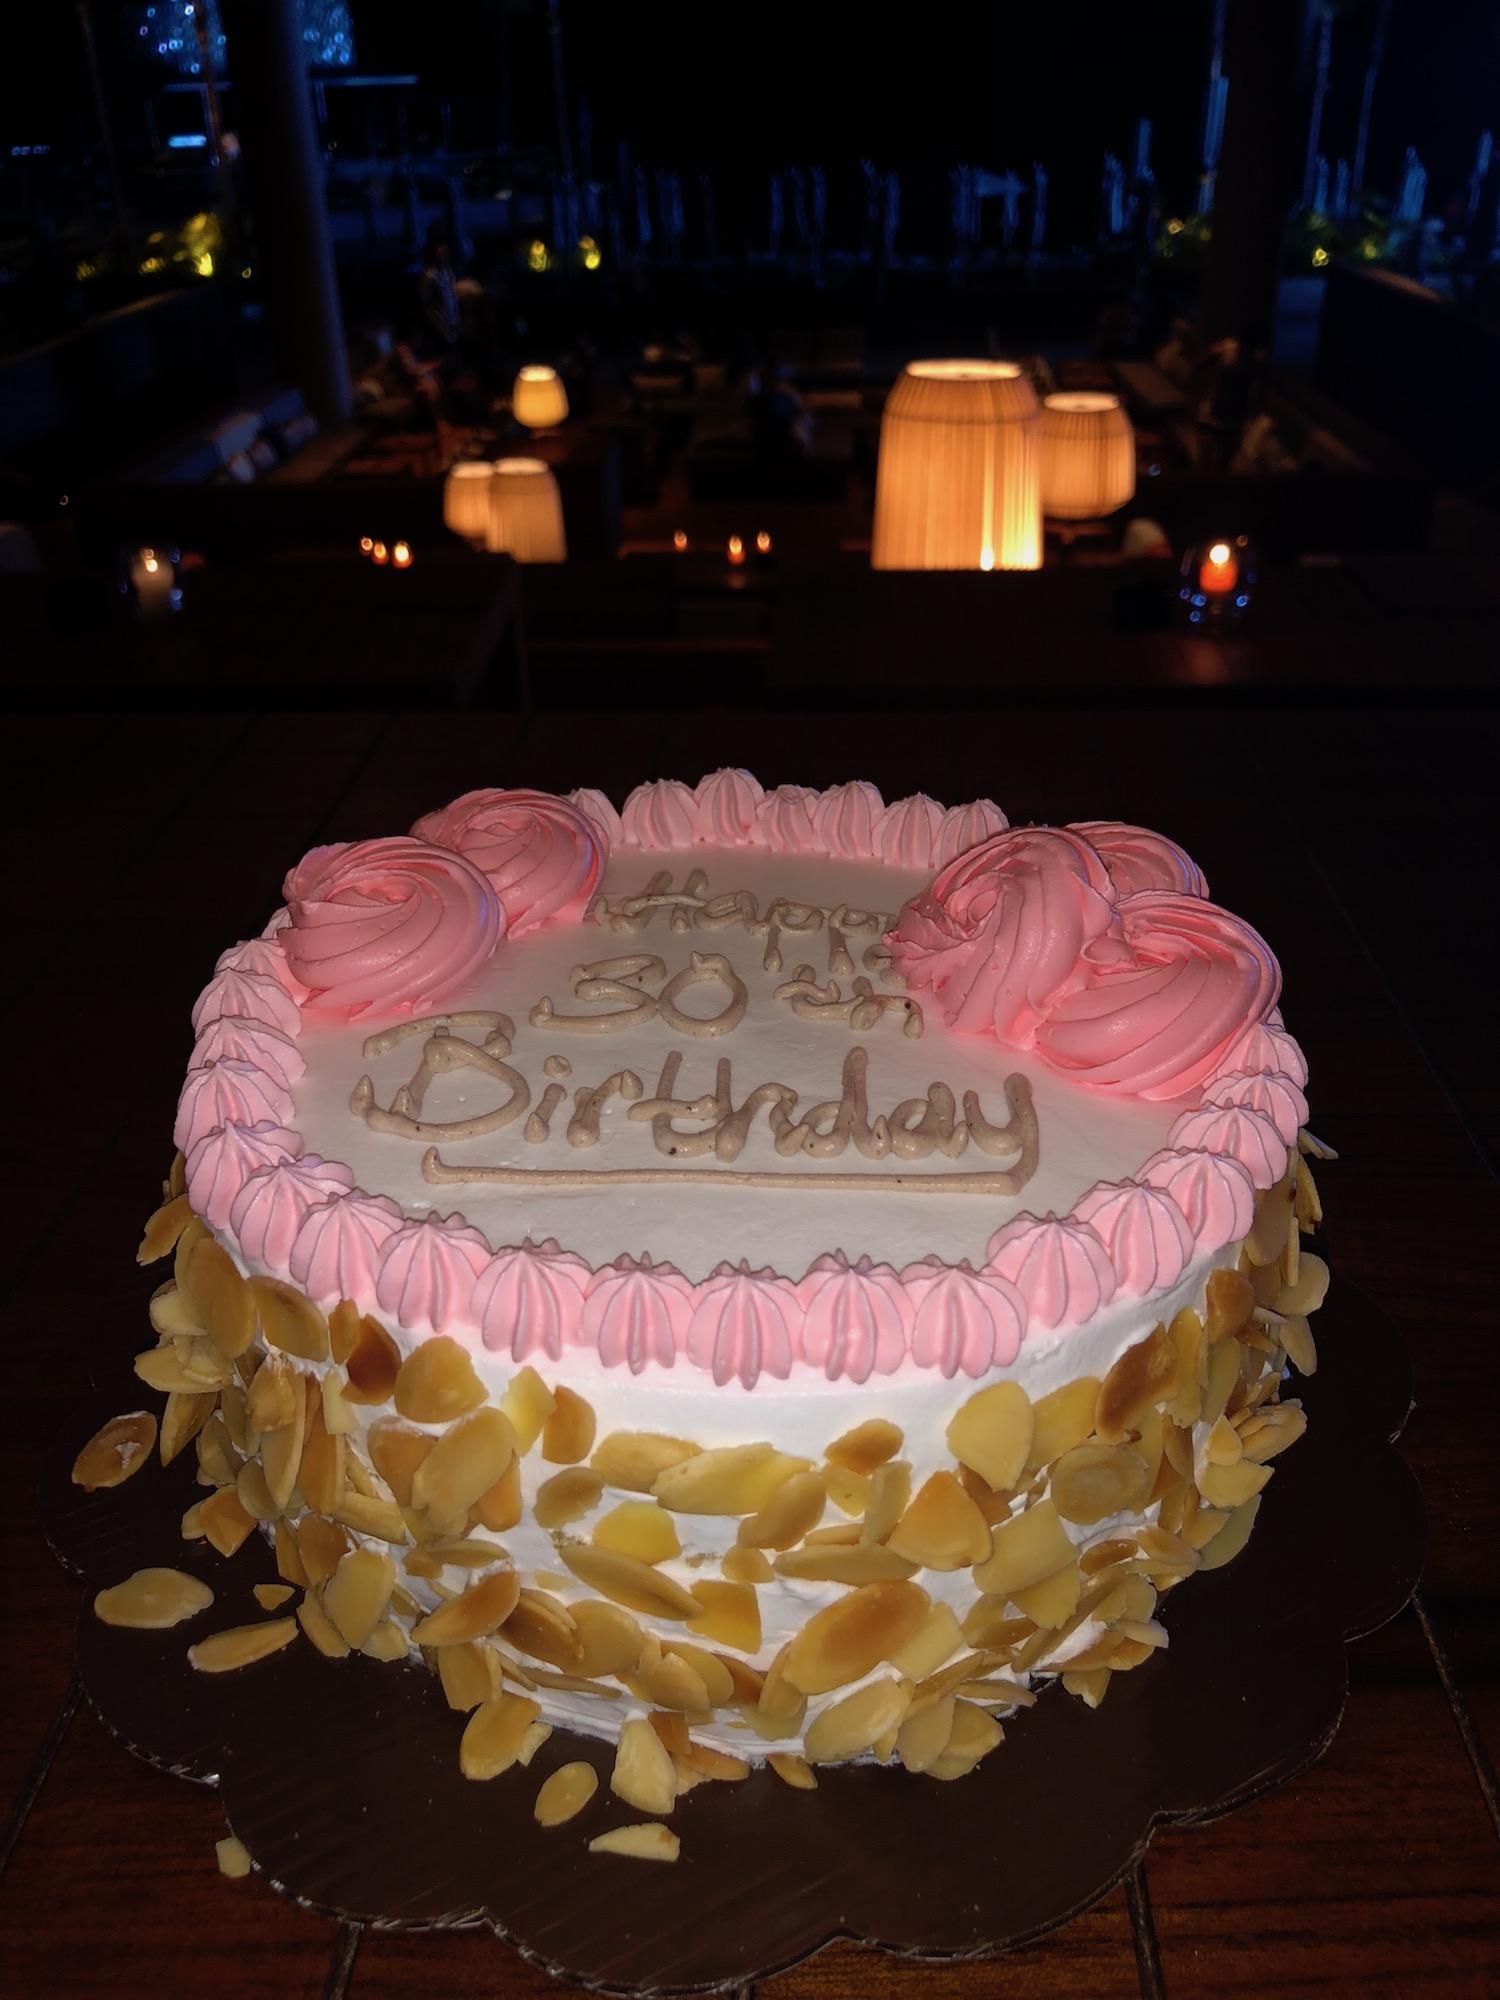 Kelly's 30th Birthday Cake in Bali. boldlygotravel.com